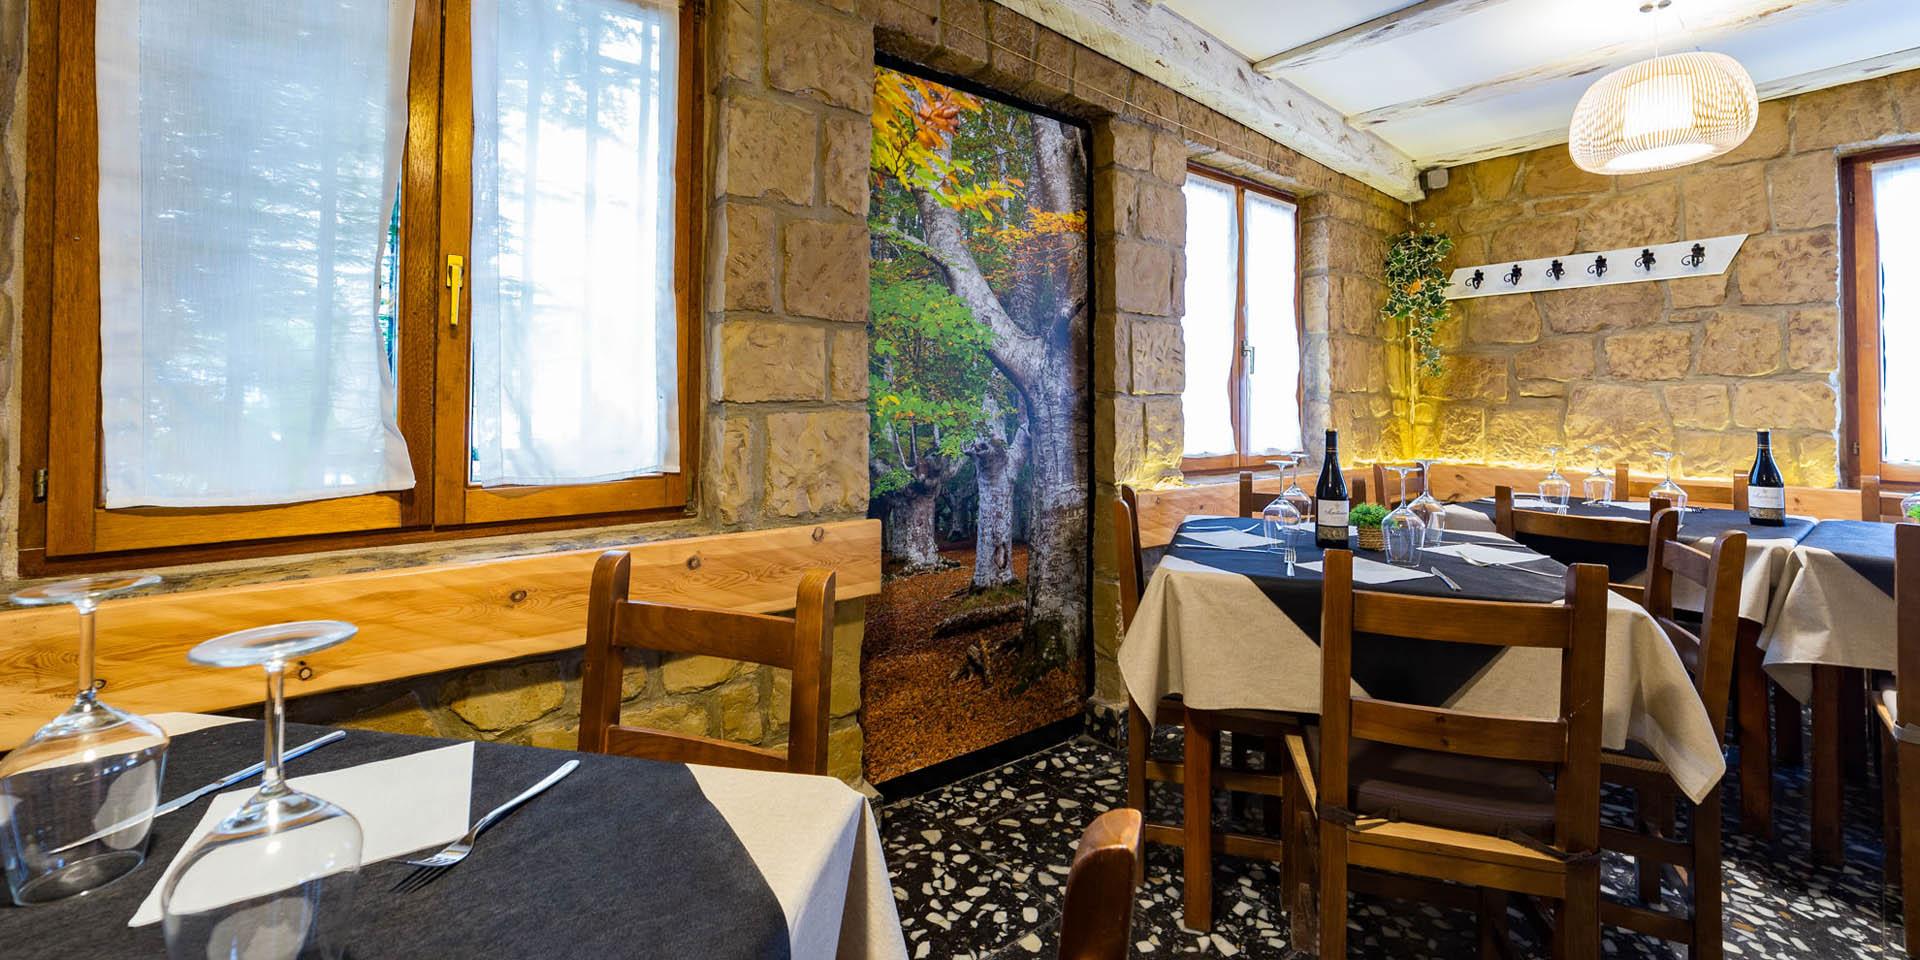 180713 Restaurante Etxe-Nagusi Igeldo03